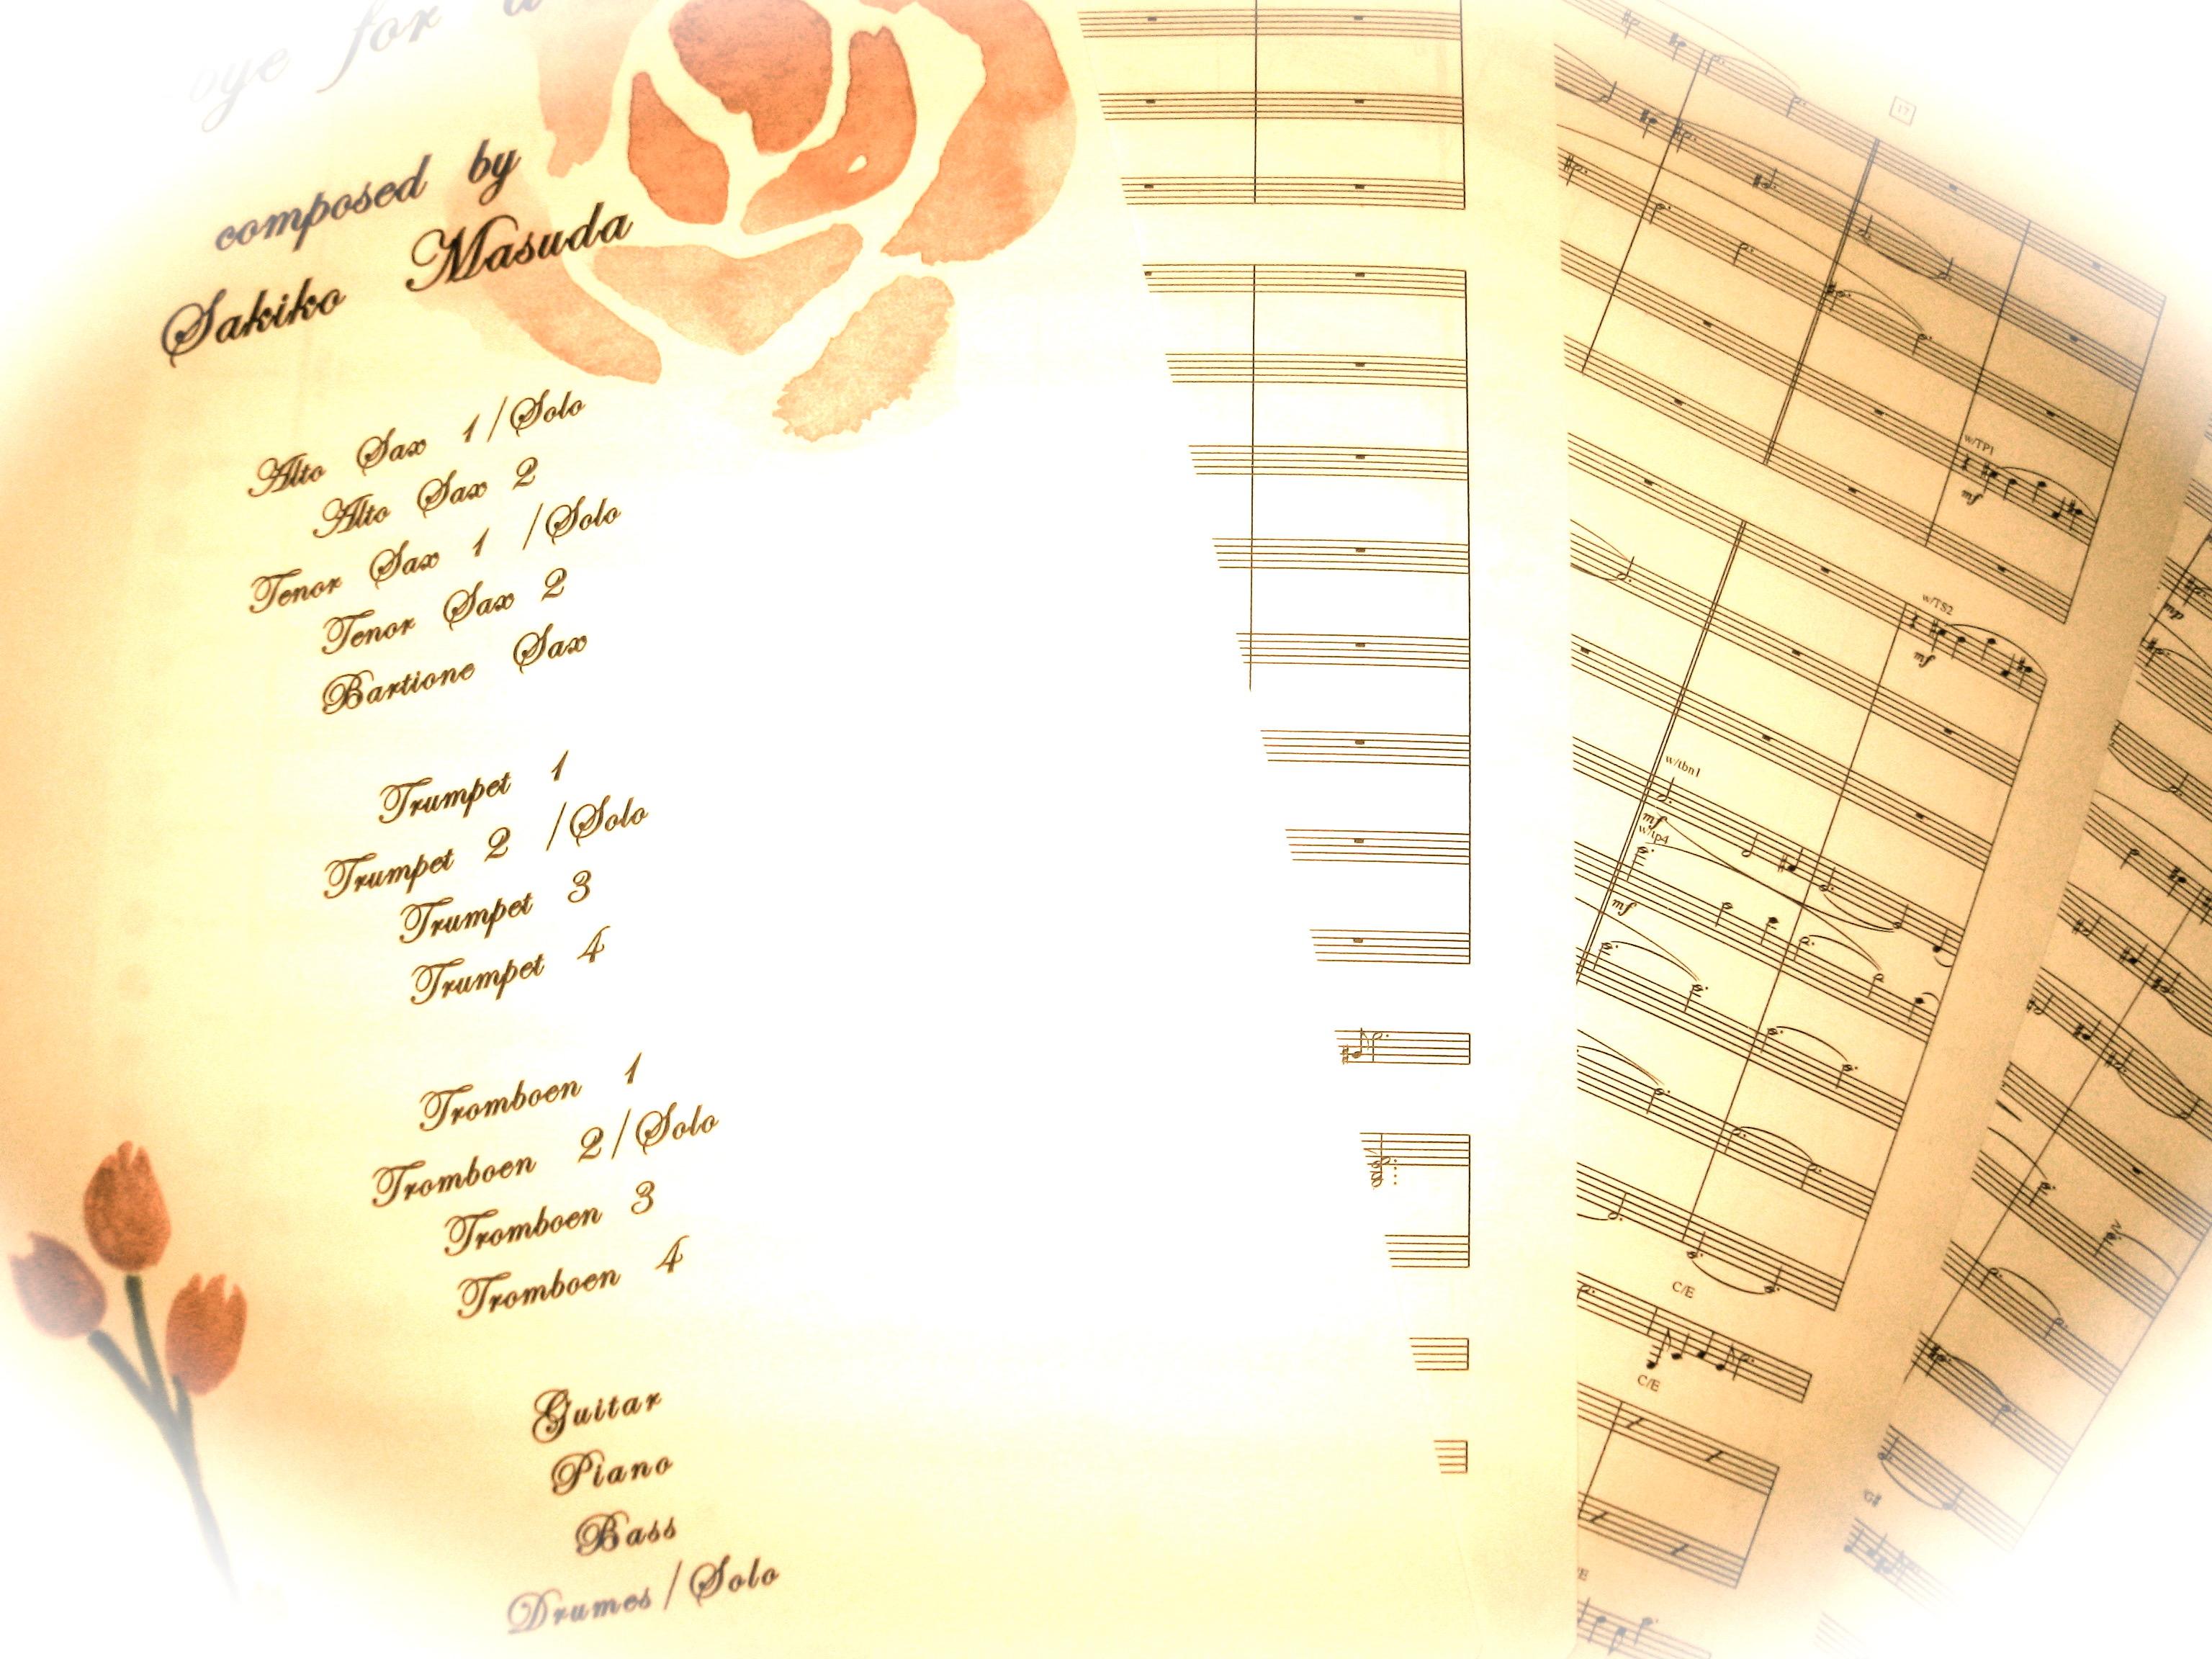 音楽理論は必要なのか?どう使えば良いのか?